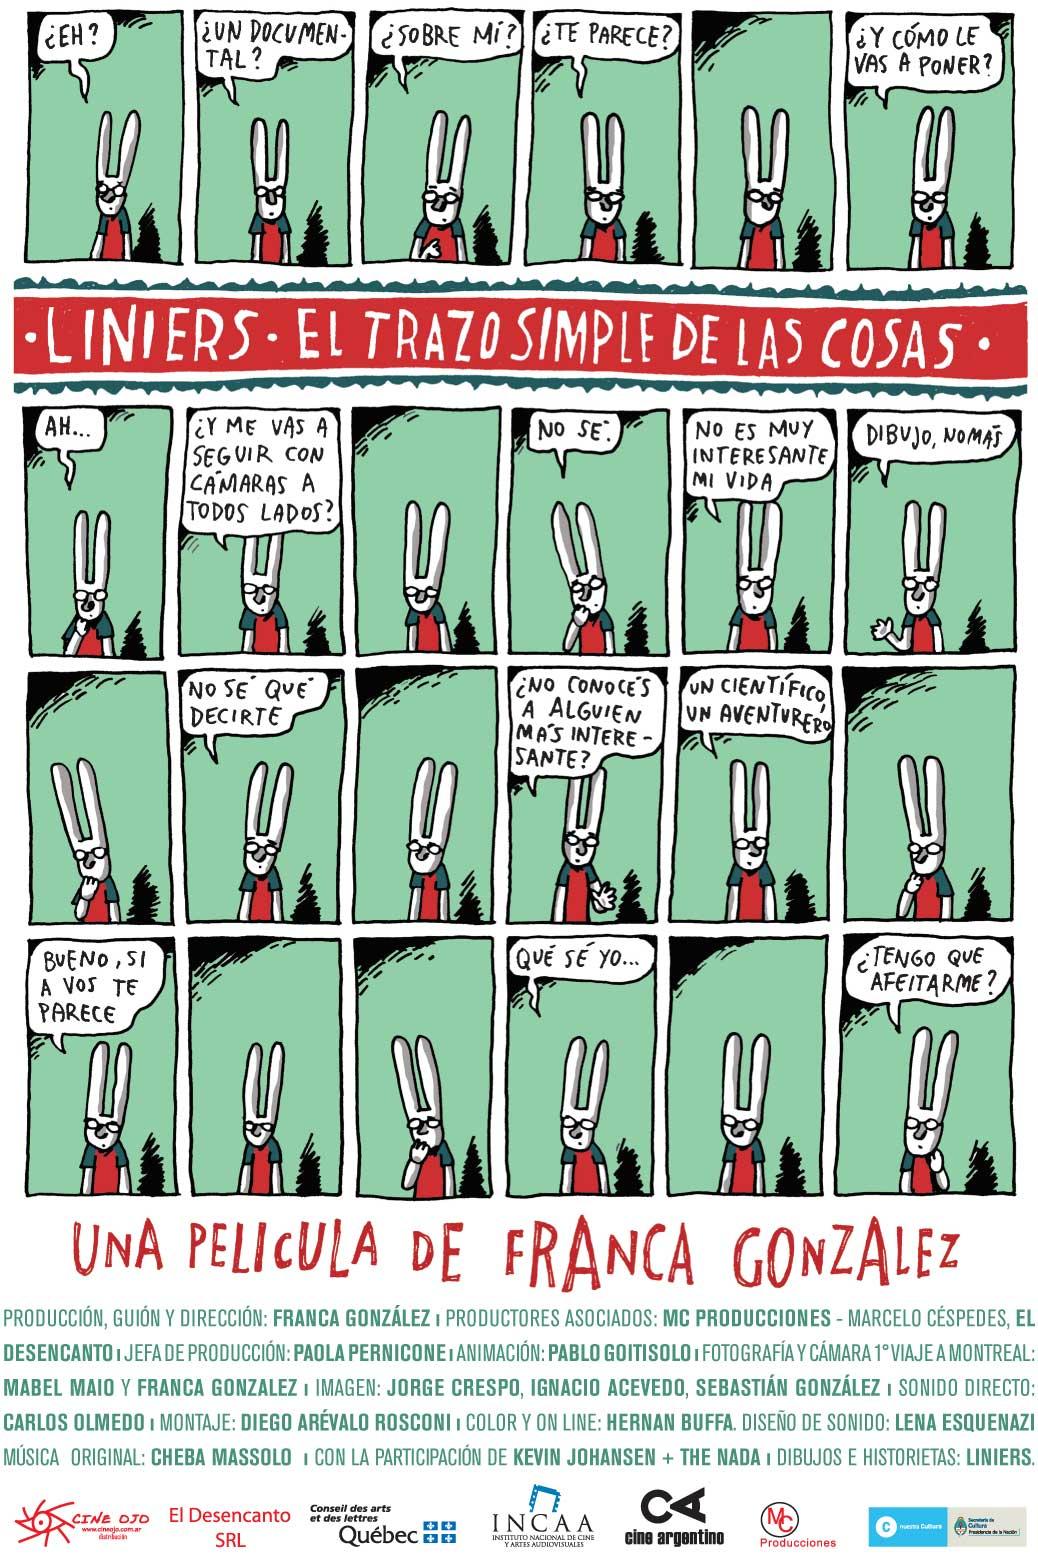 Liniers, el trazo simple de las cosas »